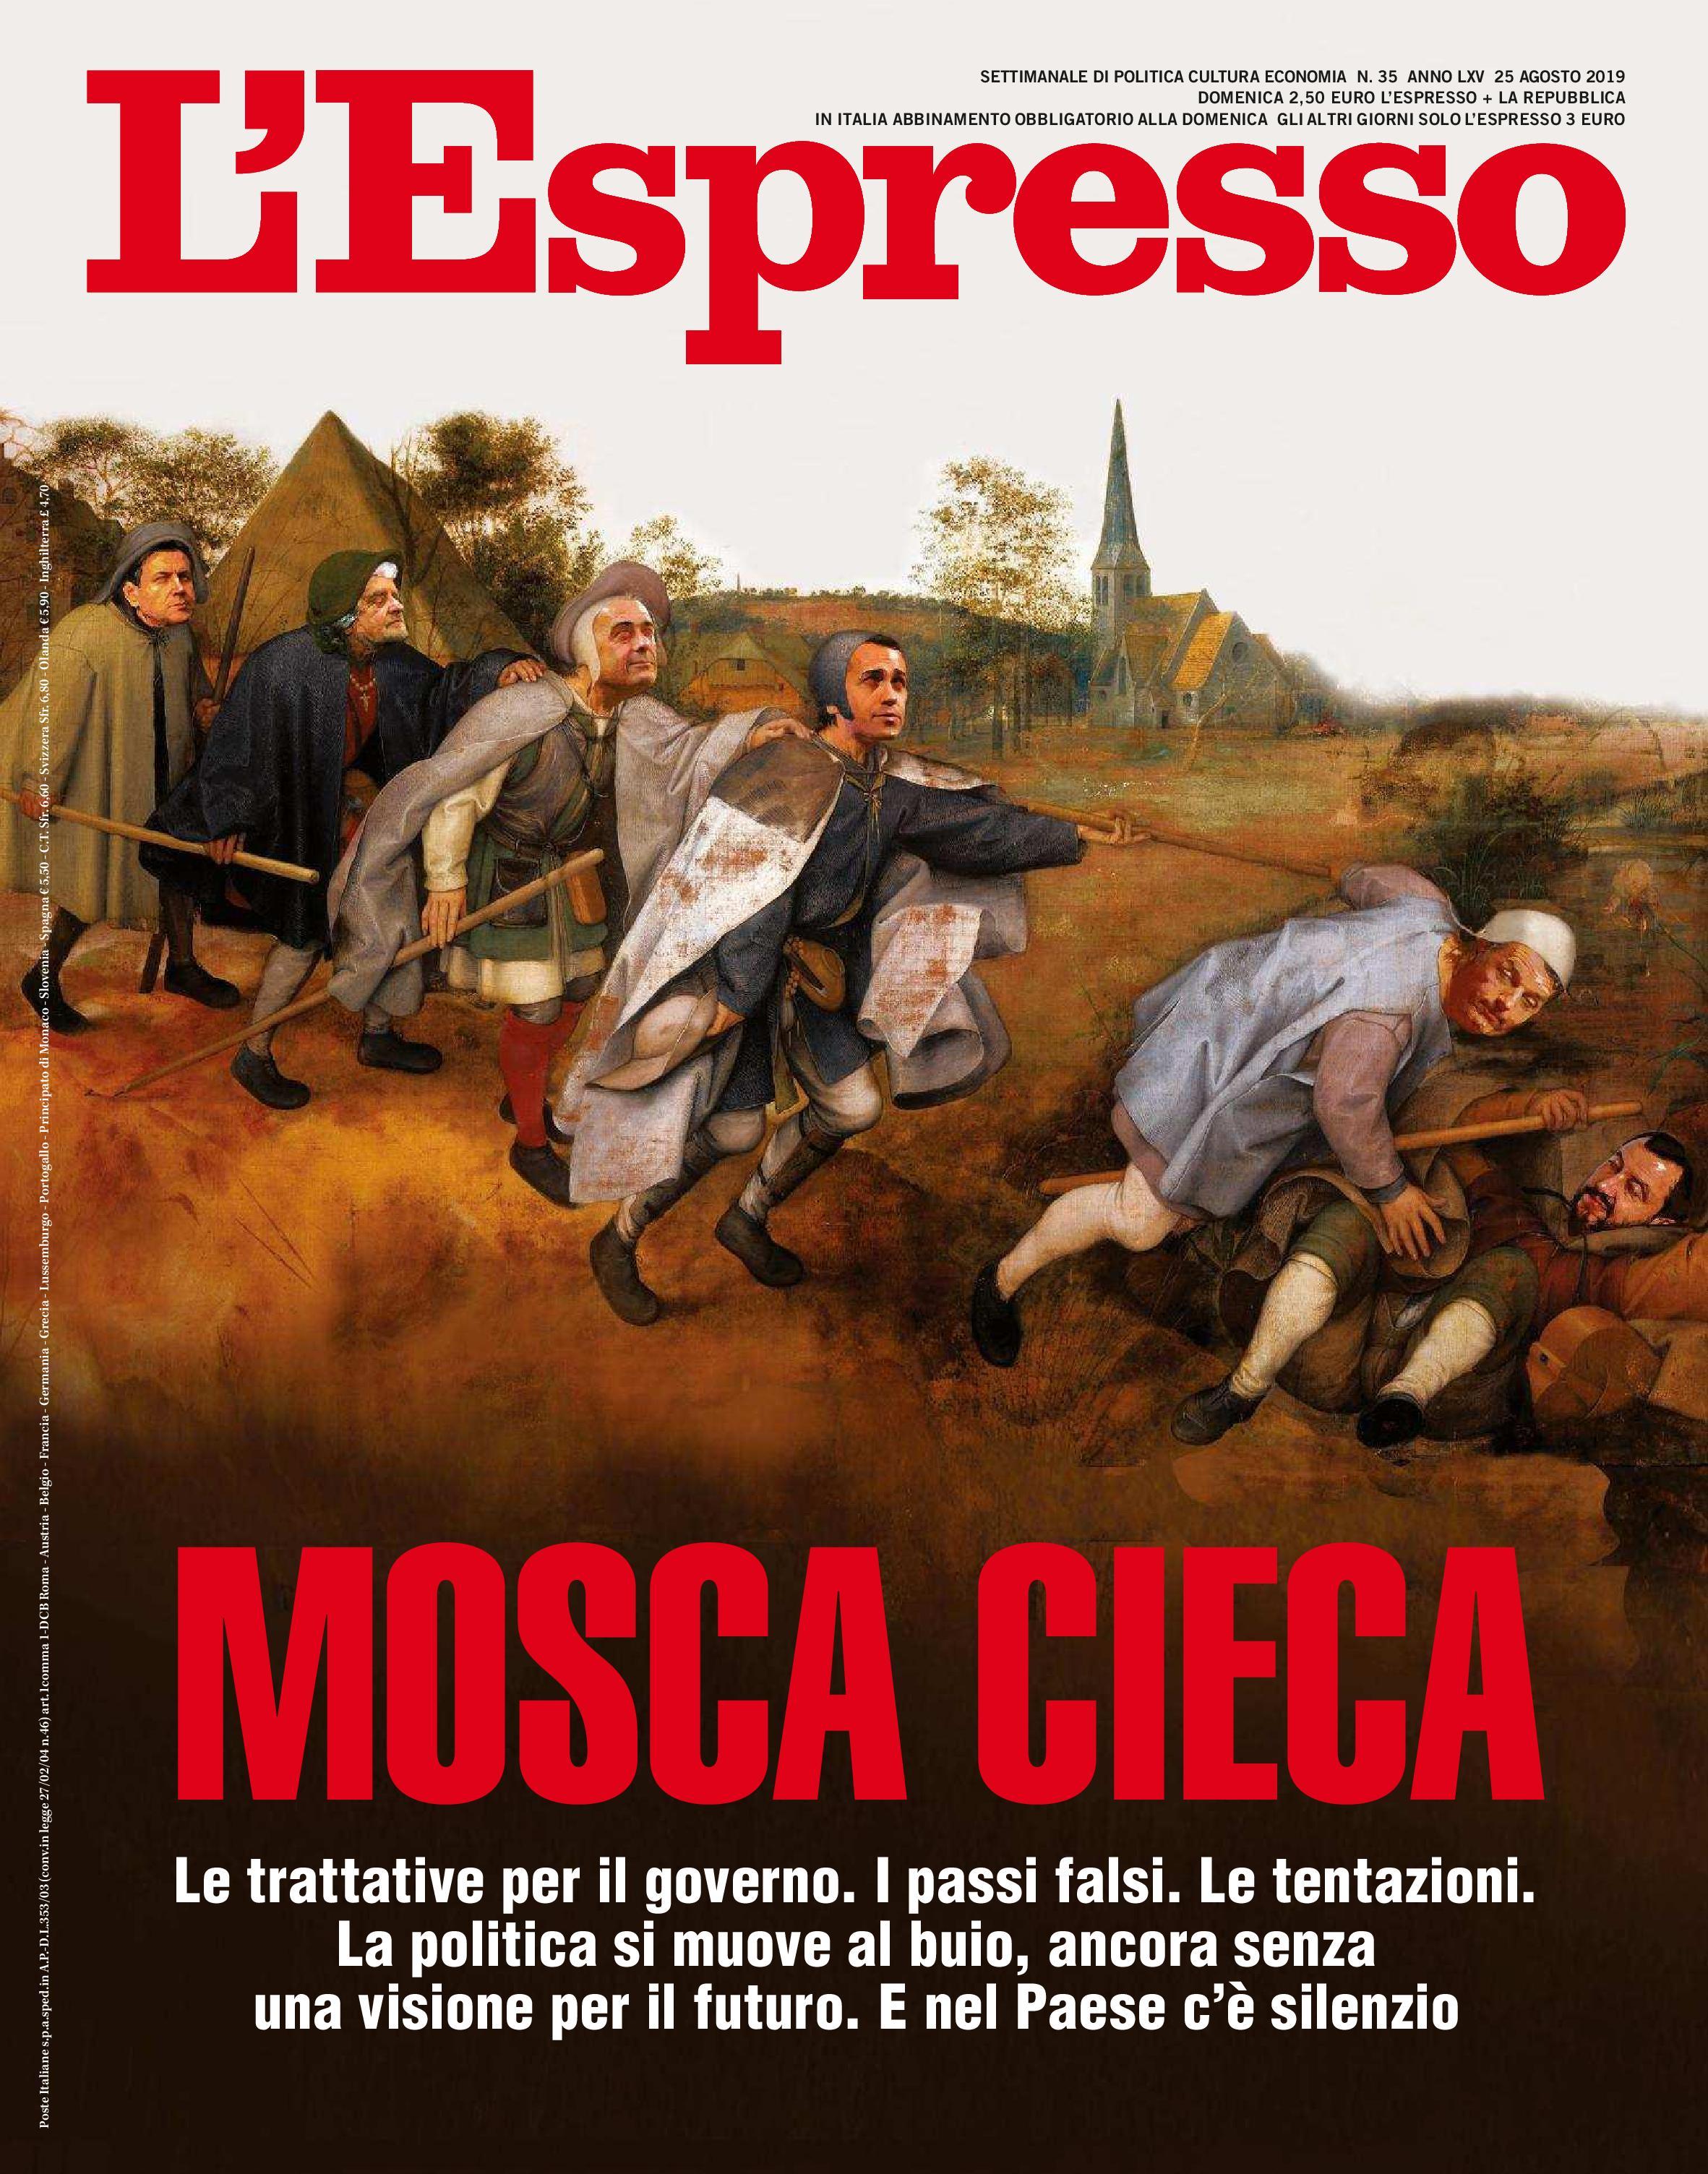 L'Espresso N.35 - 25 Agosto 2019